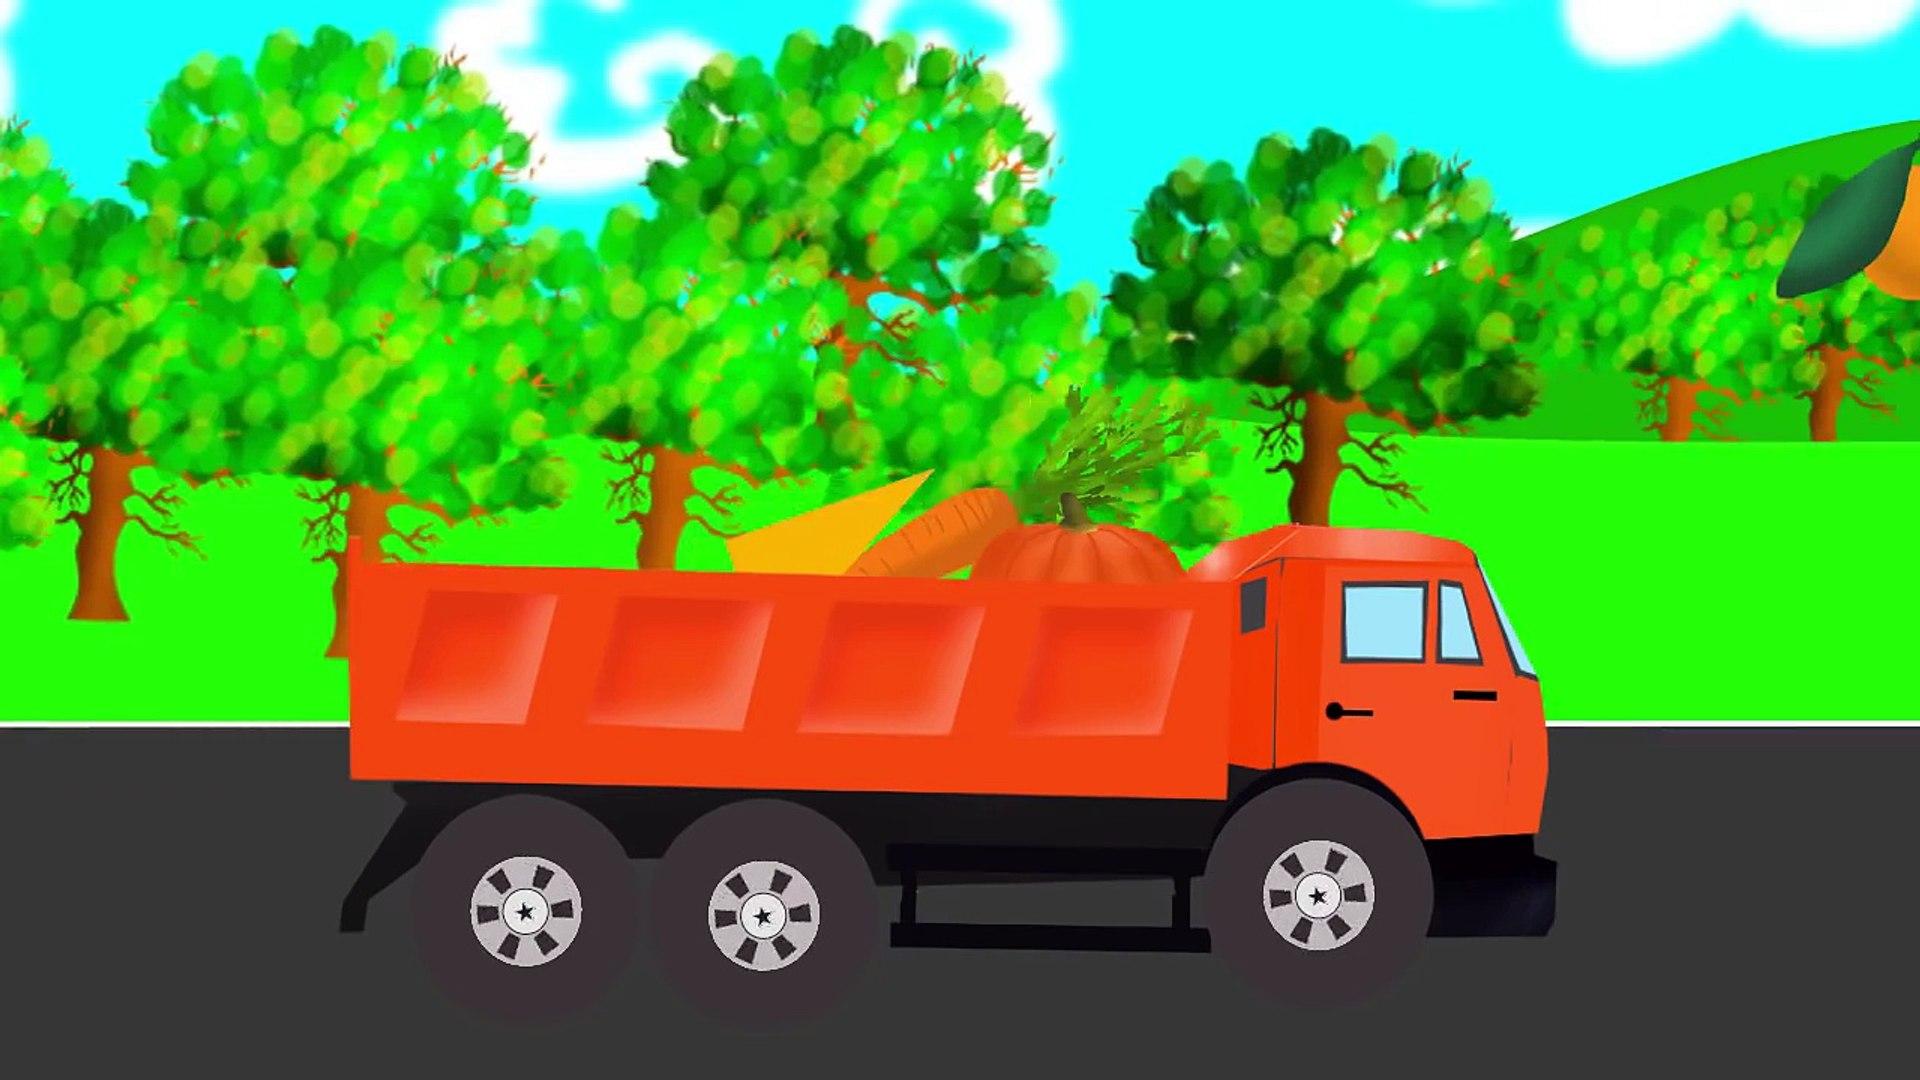 Машинки,cars. Оранжевый цвет, фигуры. Развивающие мультики для детей